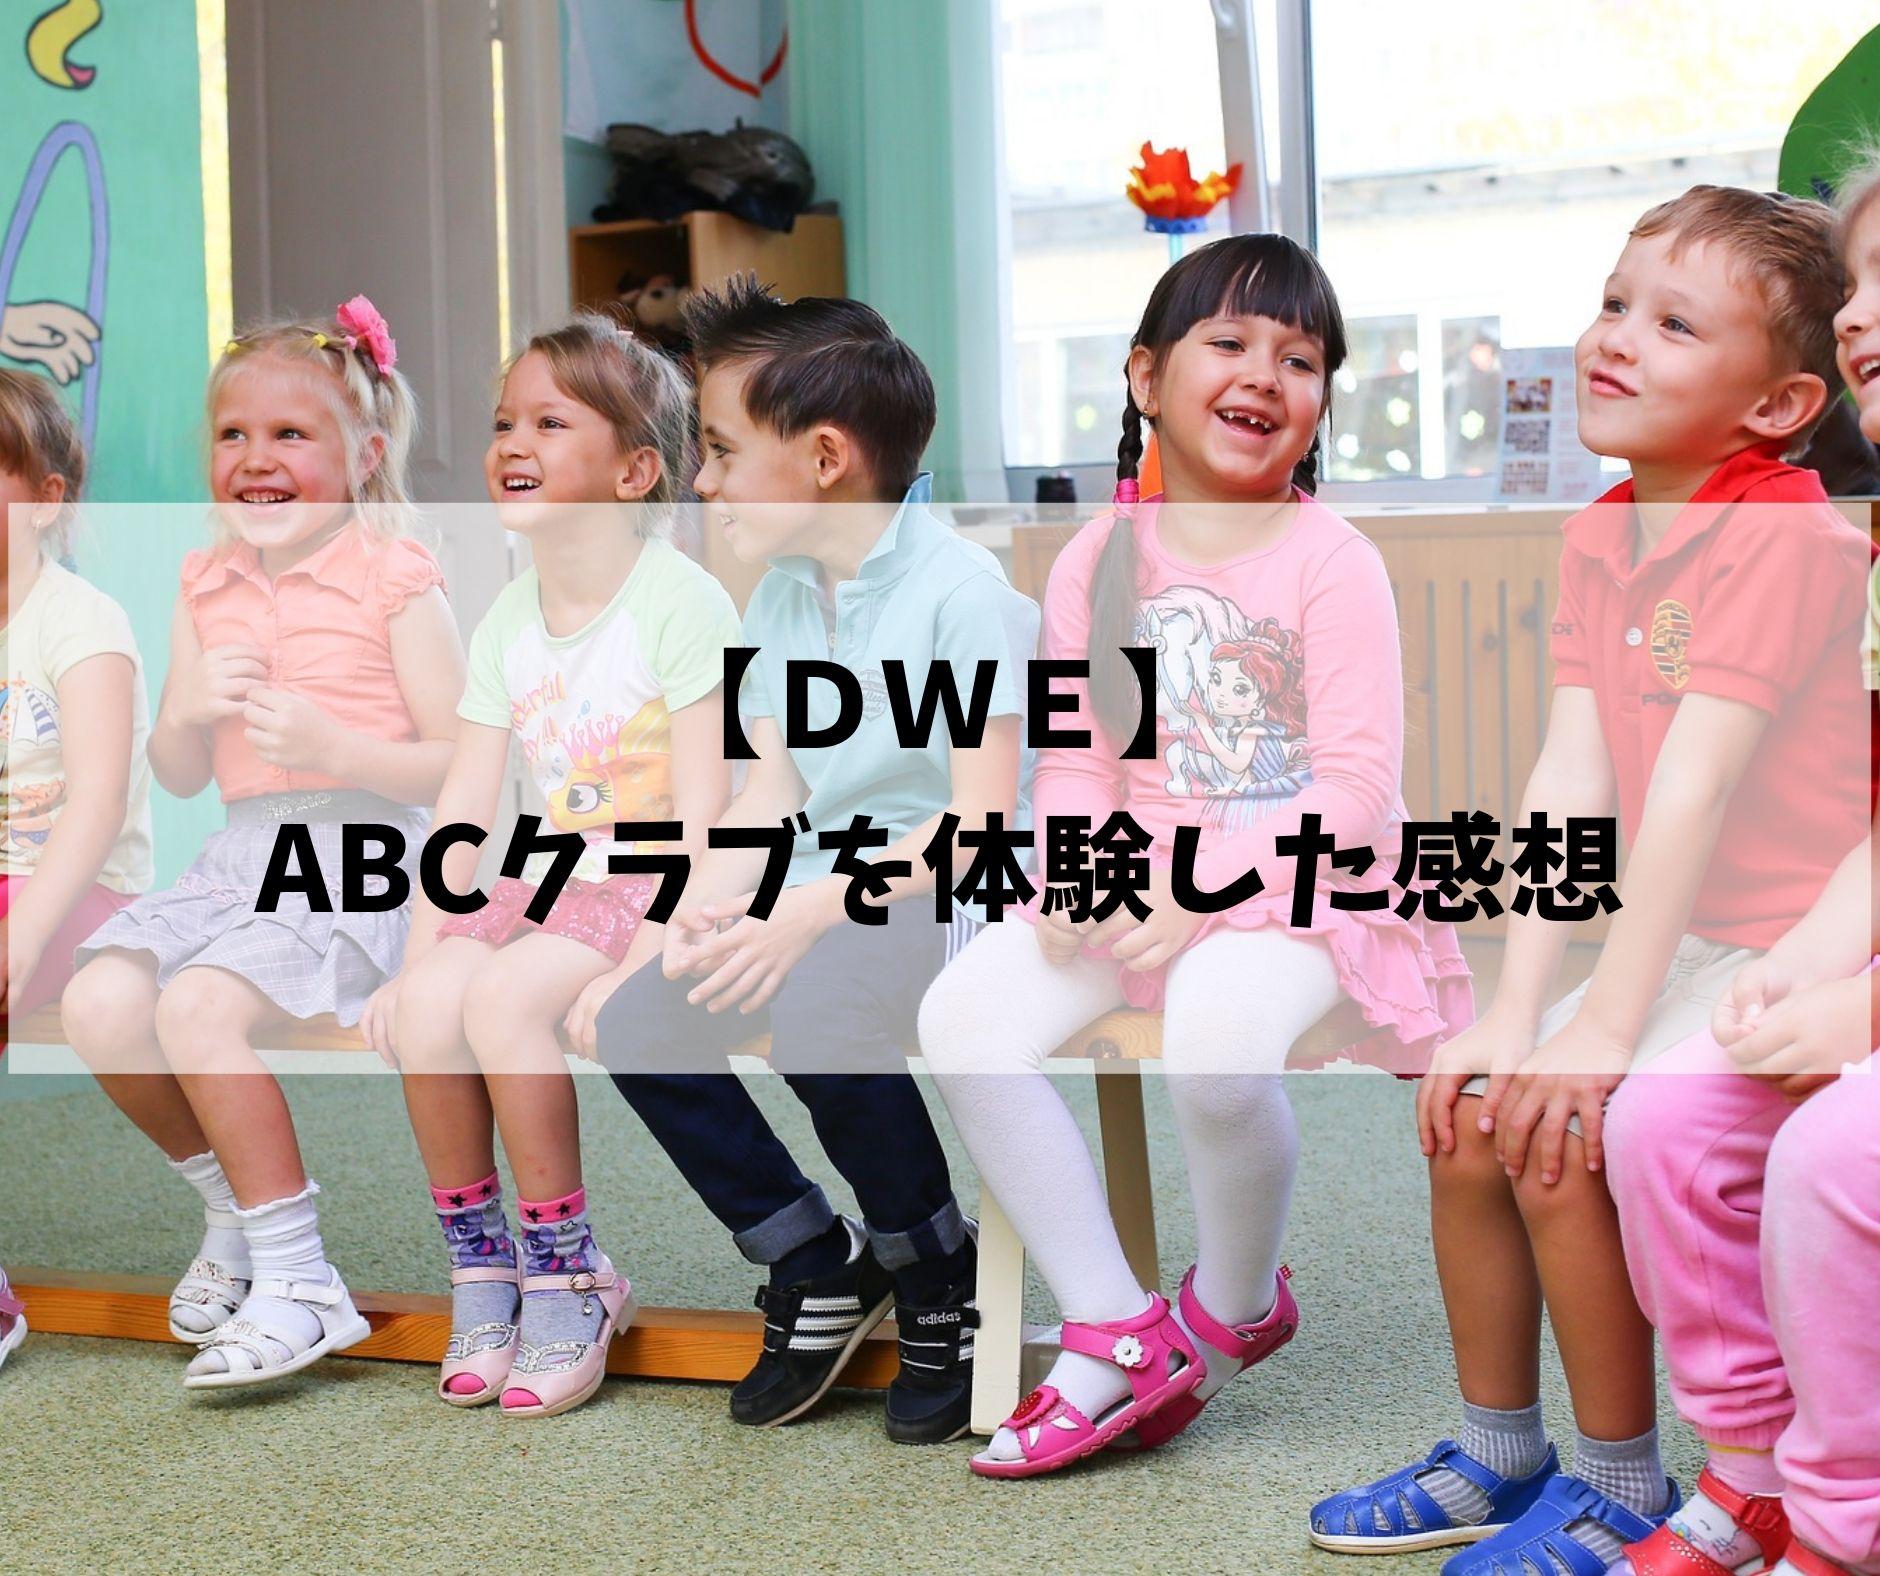 【DWE】ABCクラブのチューターの発音どう?体験した感想